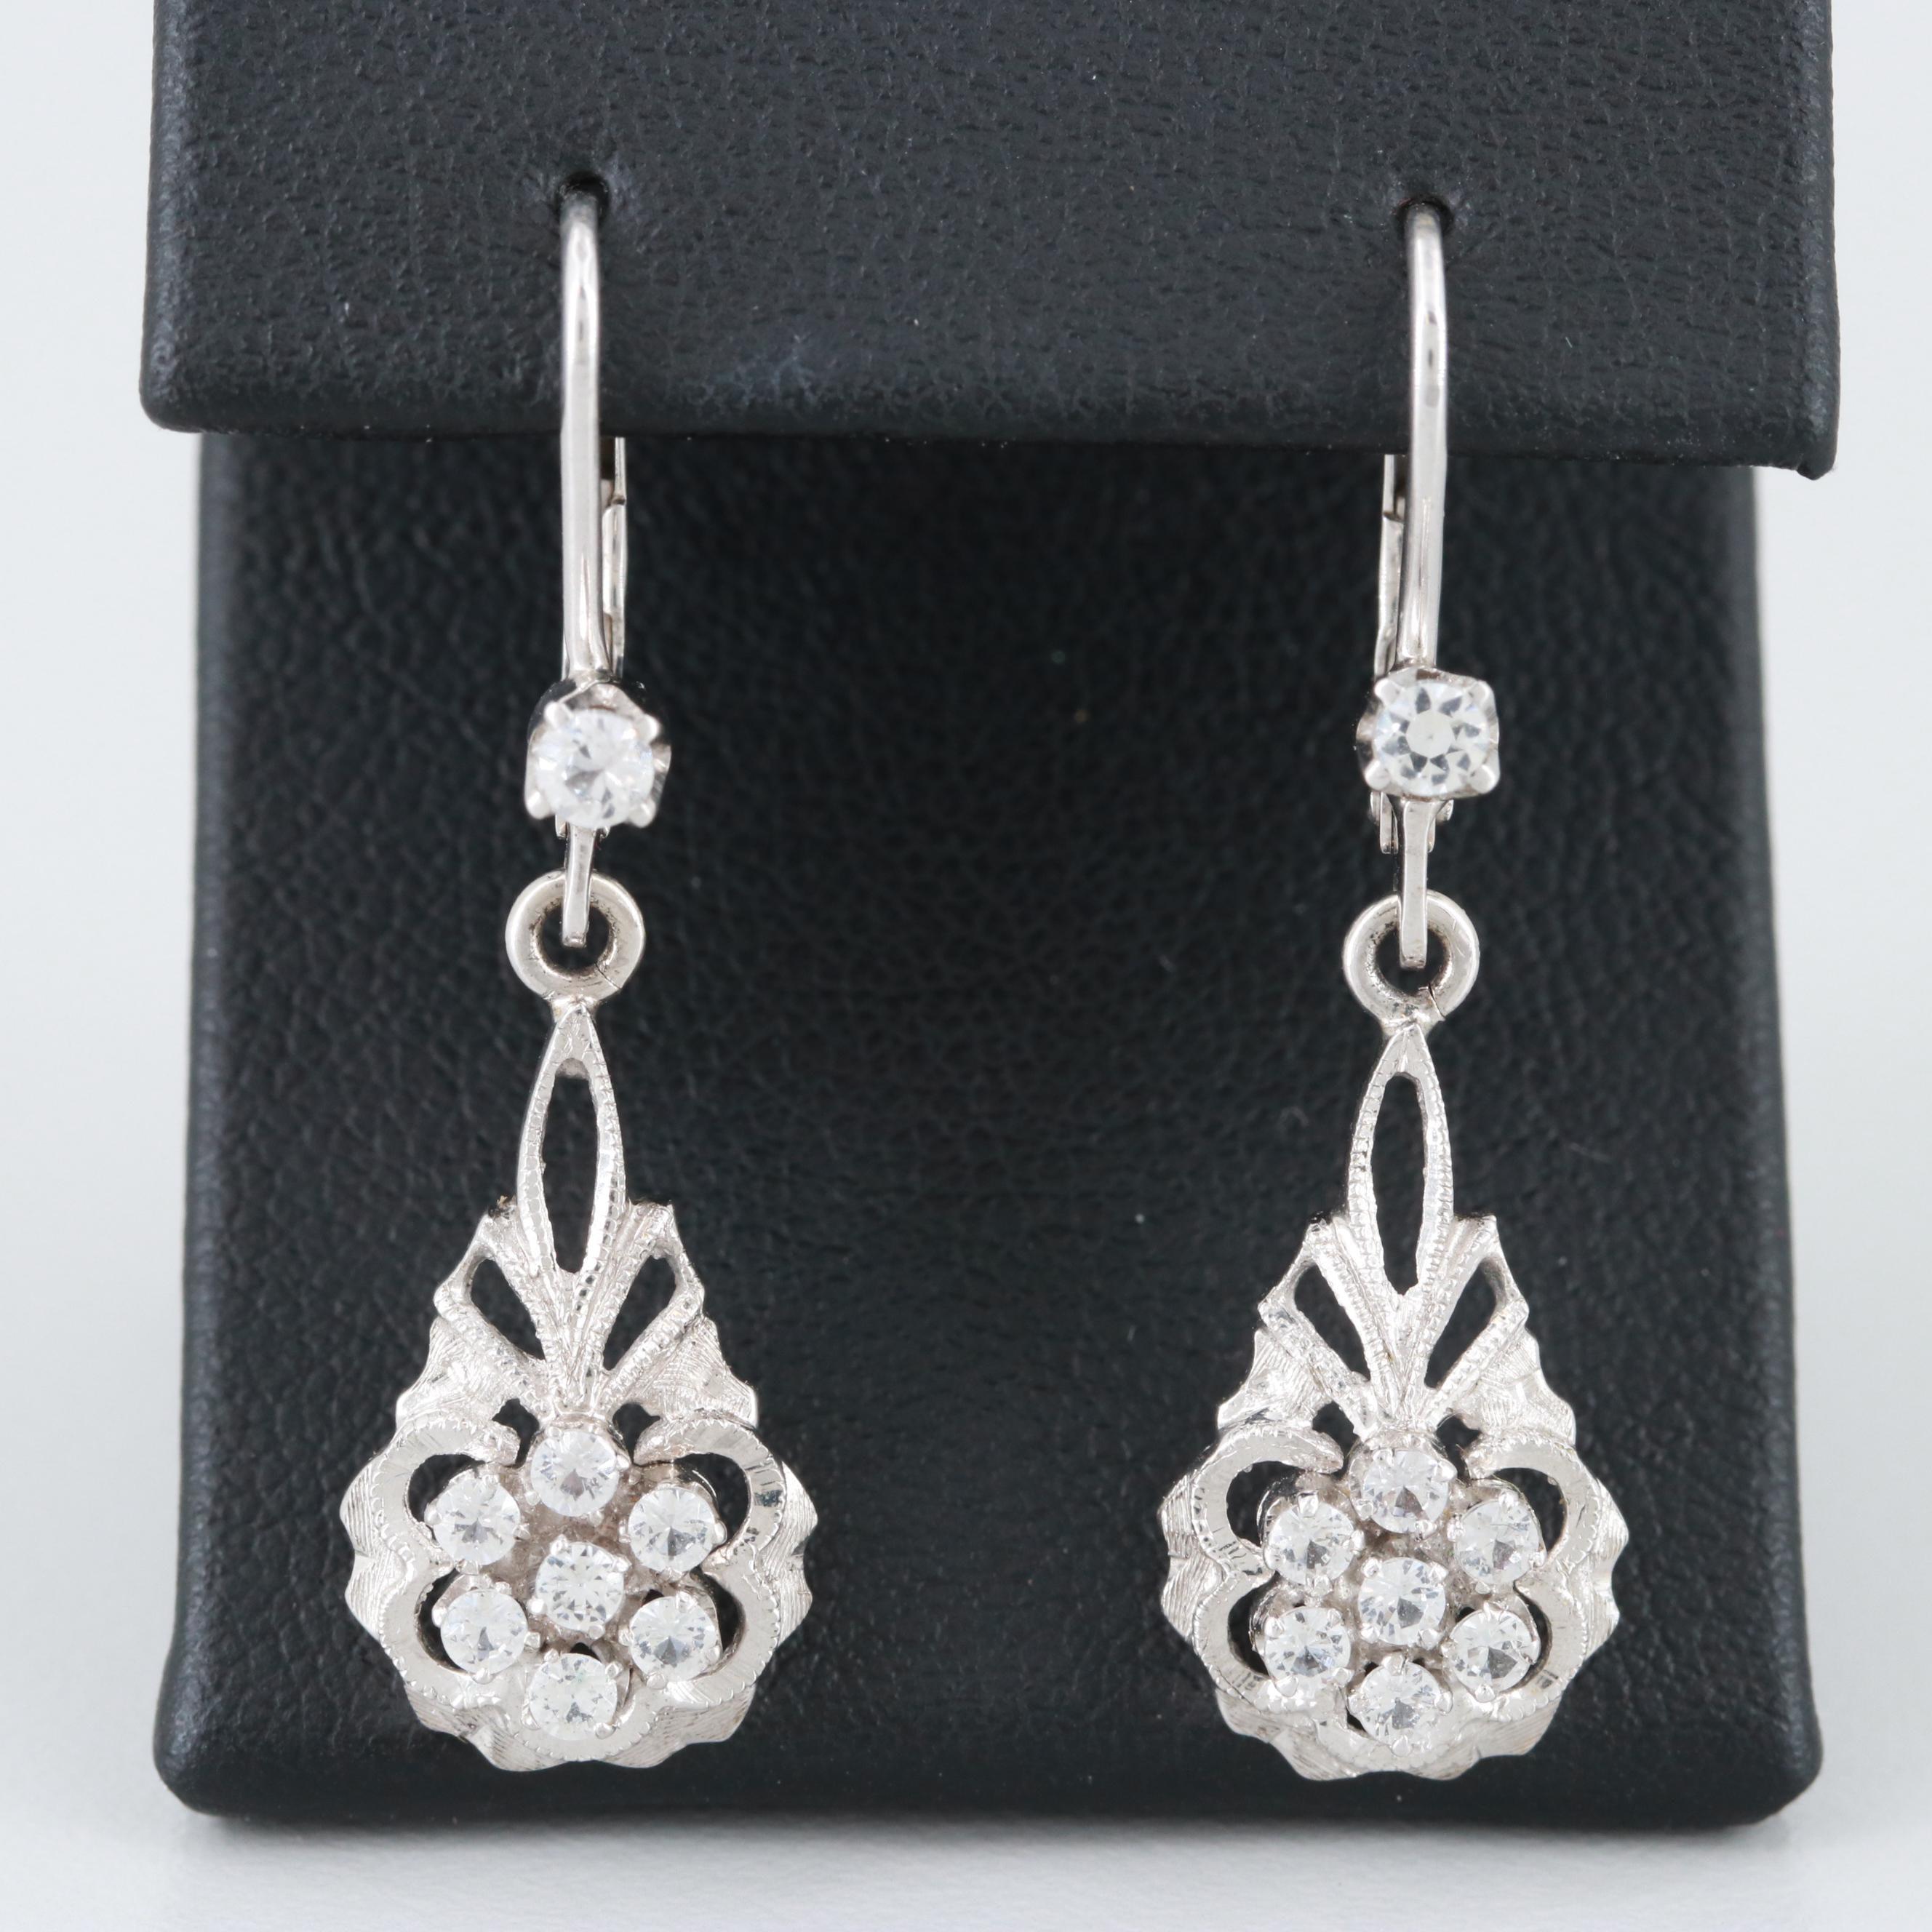 Vintage Italian 18K White Gold Synthetic White Spinel Dangle Earrings